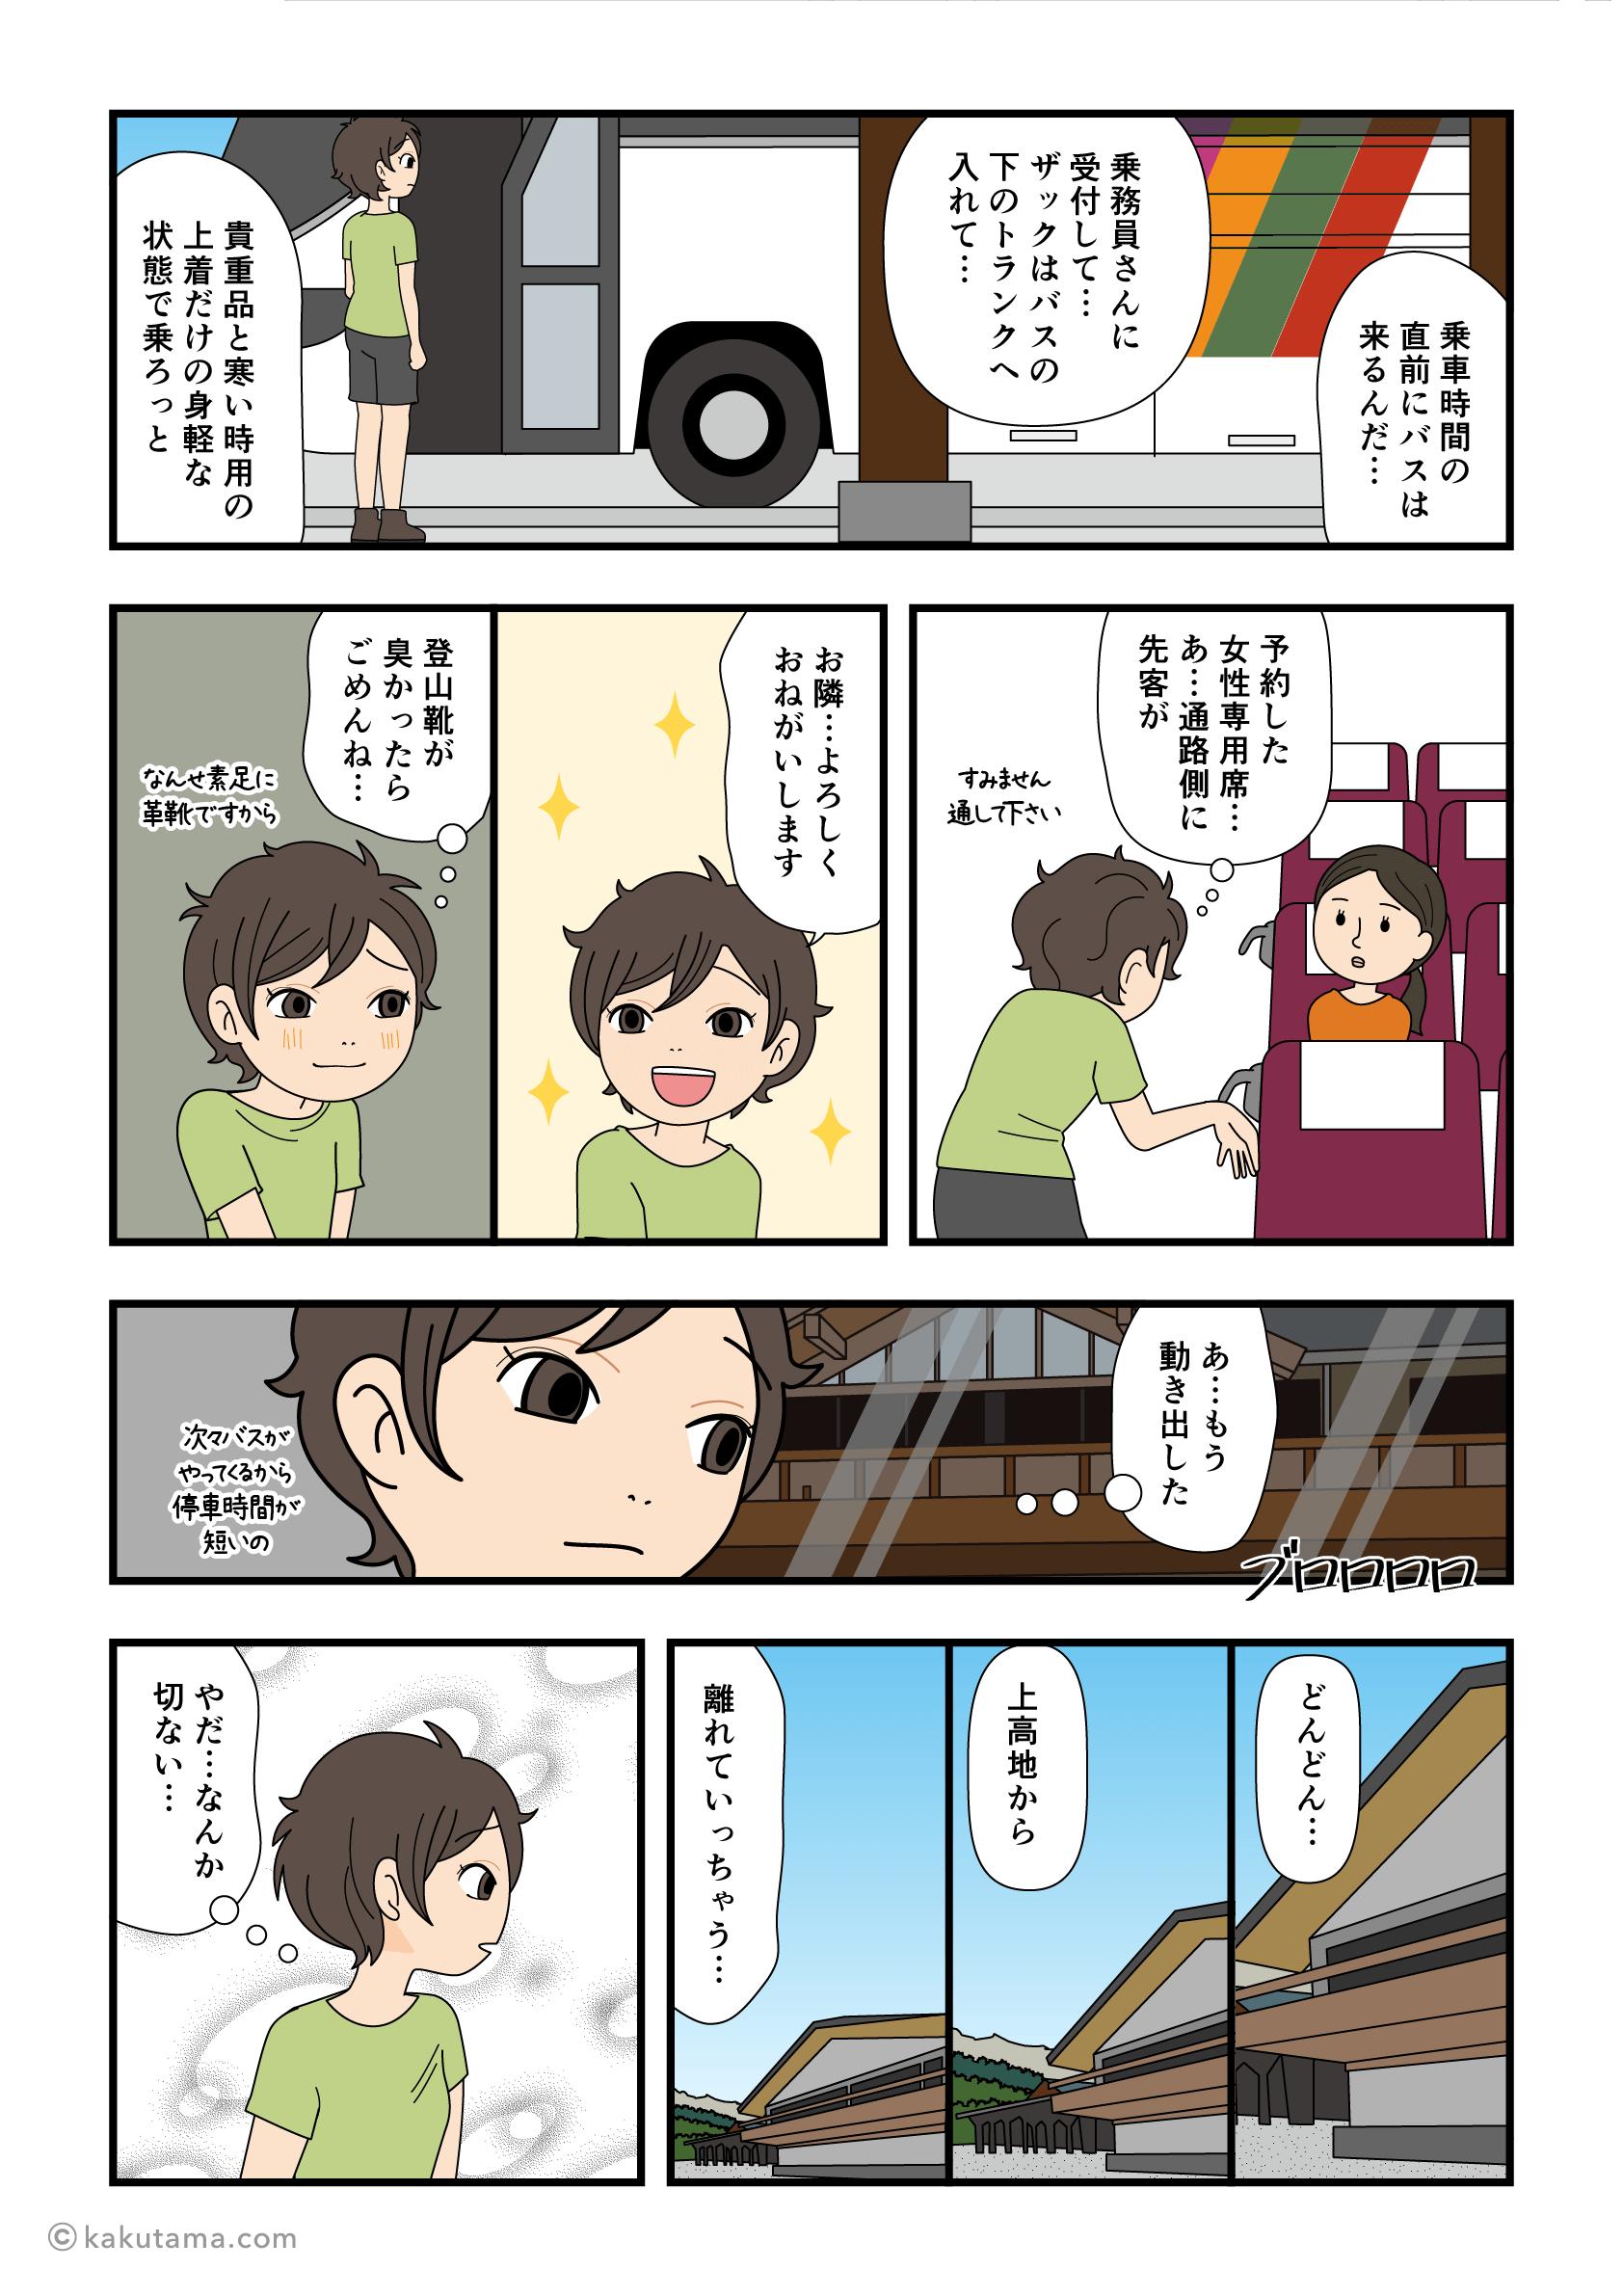 高速バスに乗り、上高地からどんどん離れていくのが寂しくなる登山者の漫画